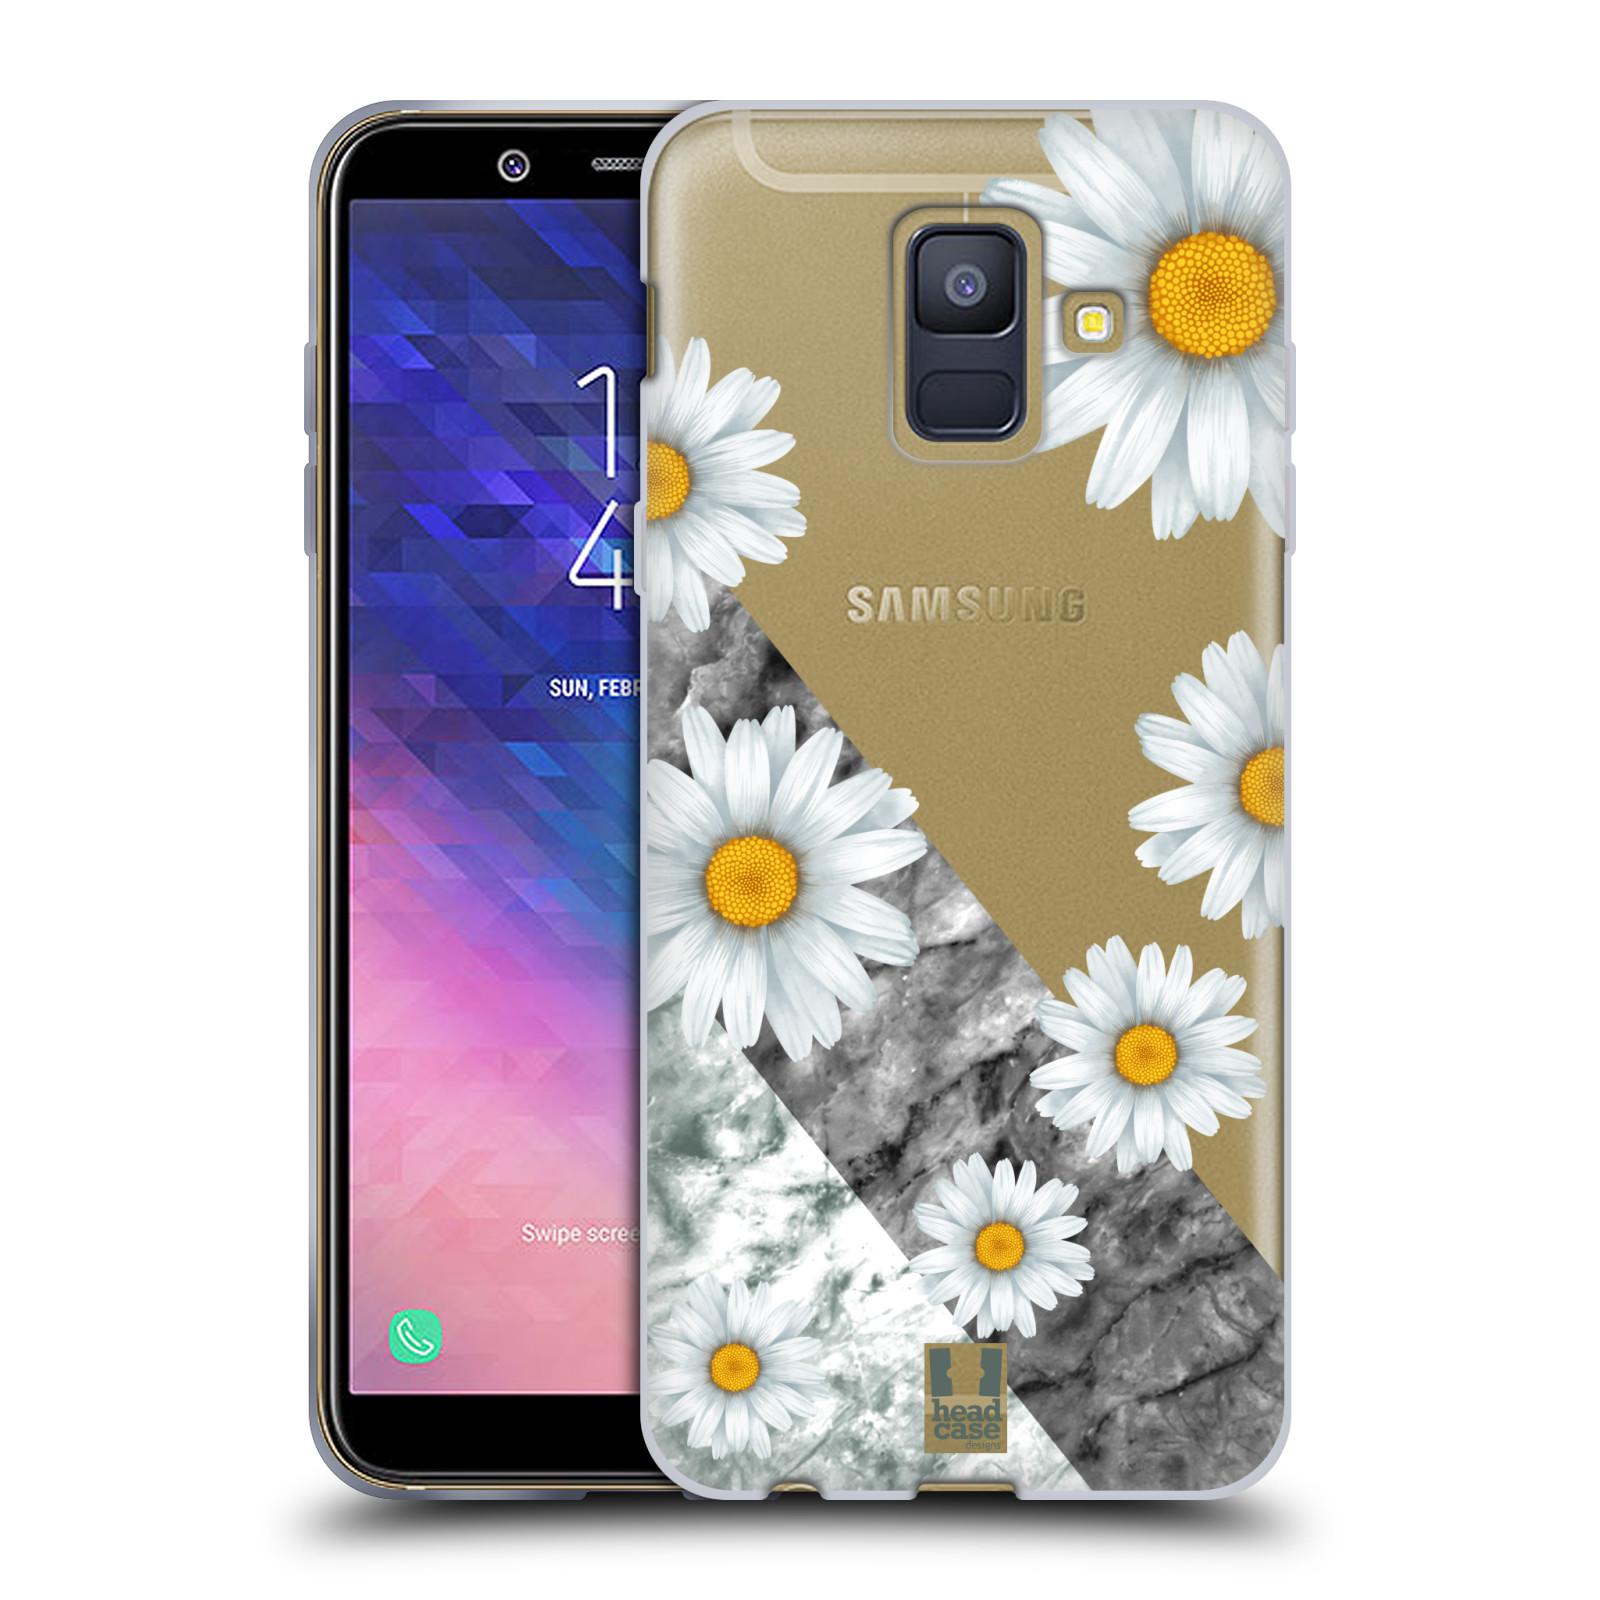 Silikonové pouzdro na mobil Samsung Galaxy A6 (2018) - Head Case - Kopretiny a mramor